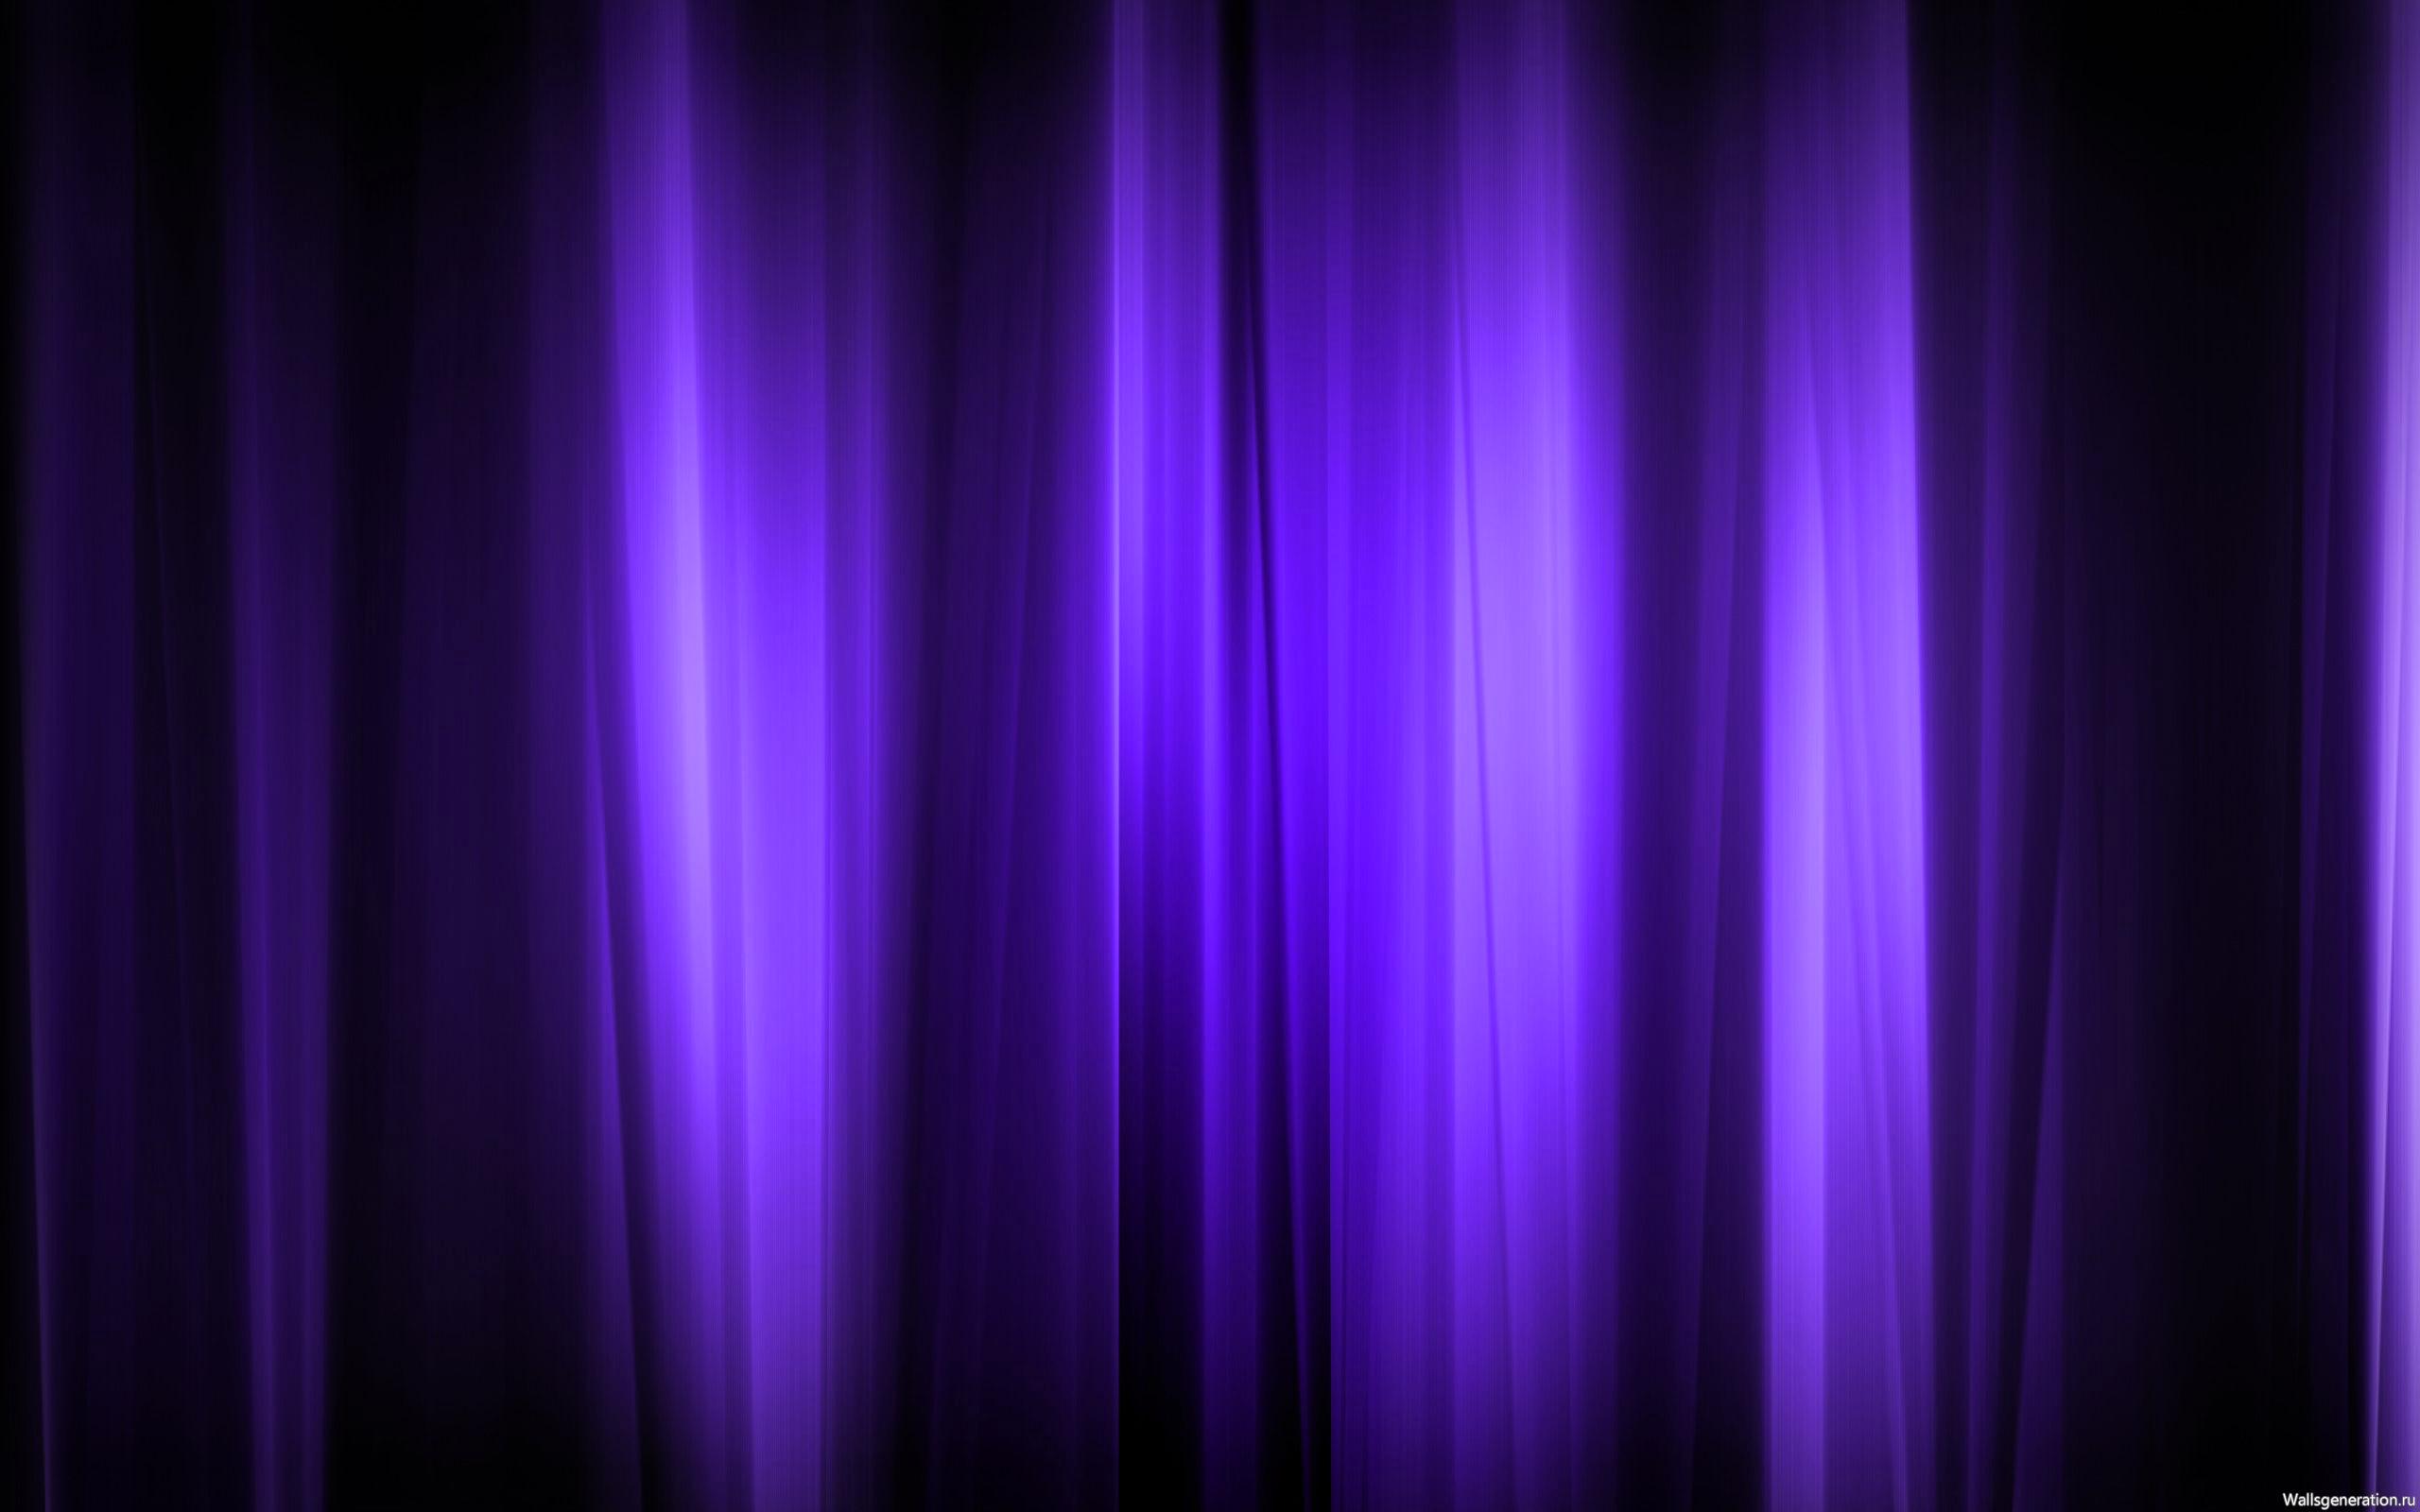 severnoe-siyanie-25sadsa60x1600-23326285